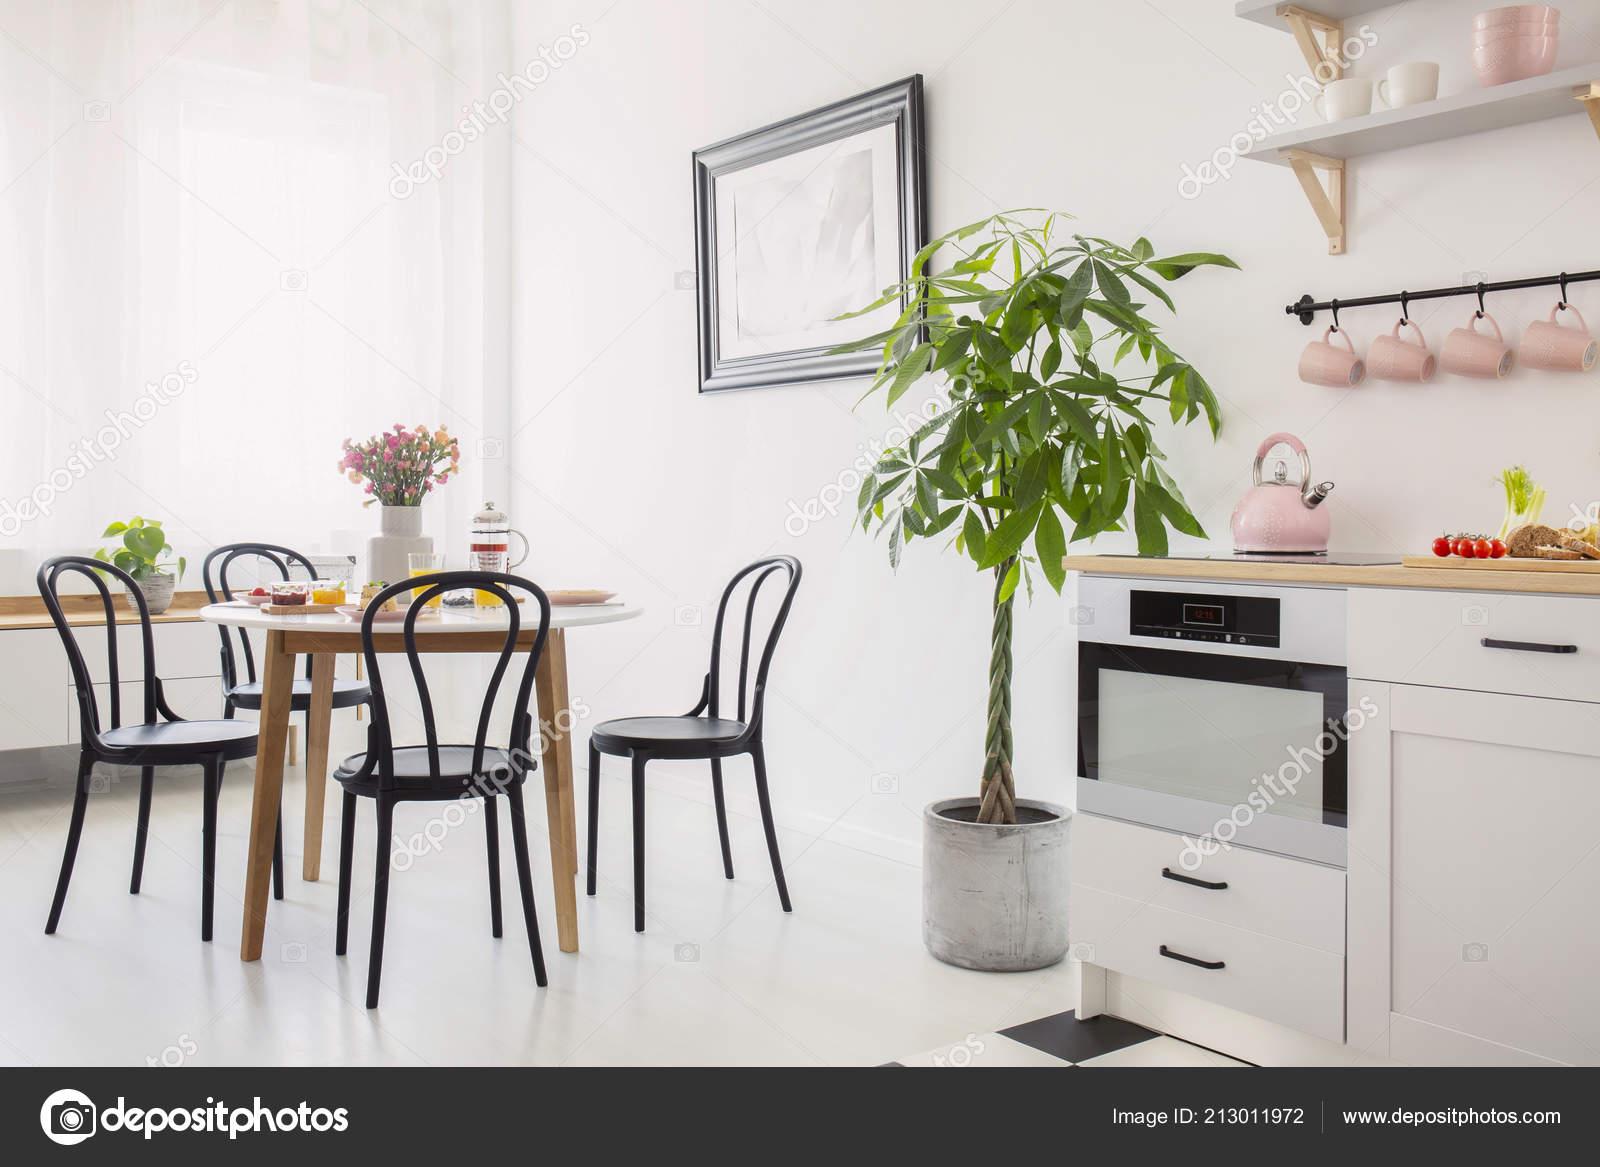 Witte Tafel Zwarte Stoelen.Zwarte Stoelen Aan Tafel Met Bloemen Witte Eetkamer Interieur Met